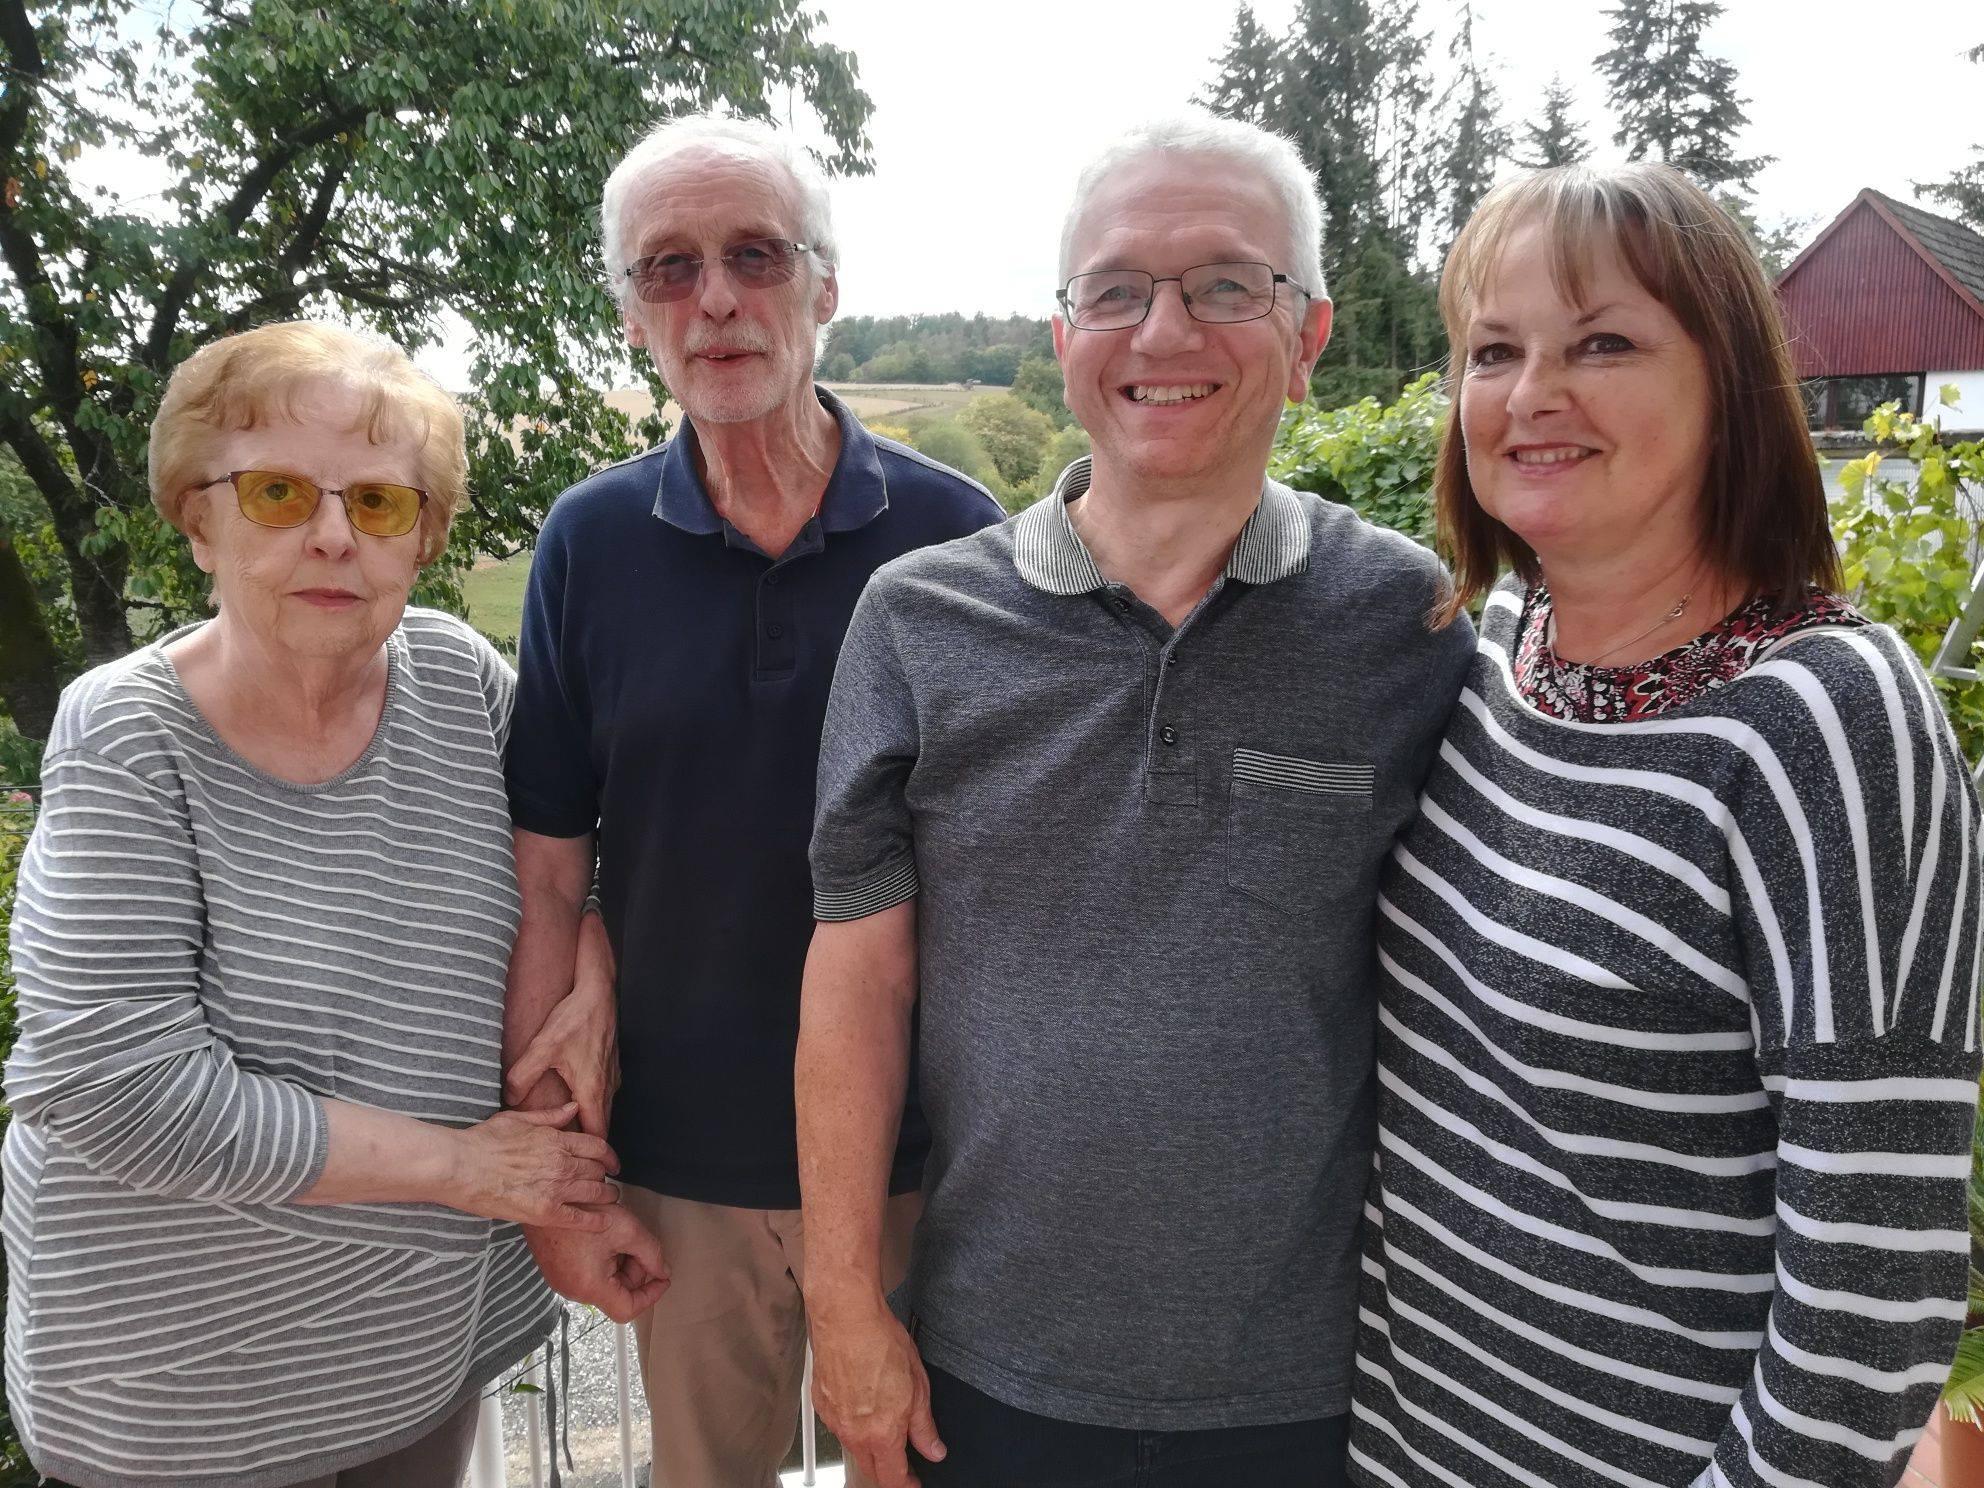 Herr und Frau Schröder mit Sally und Jerry Dyer